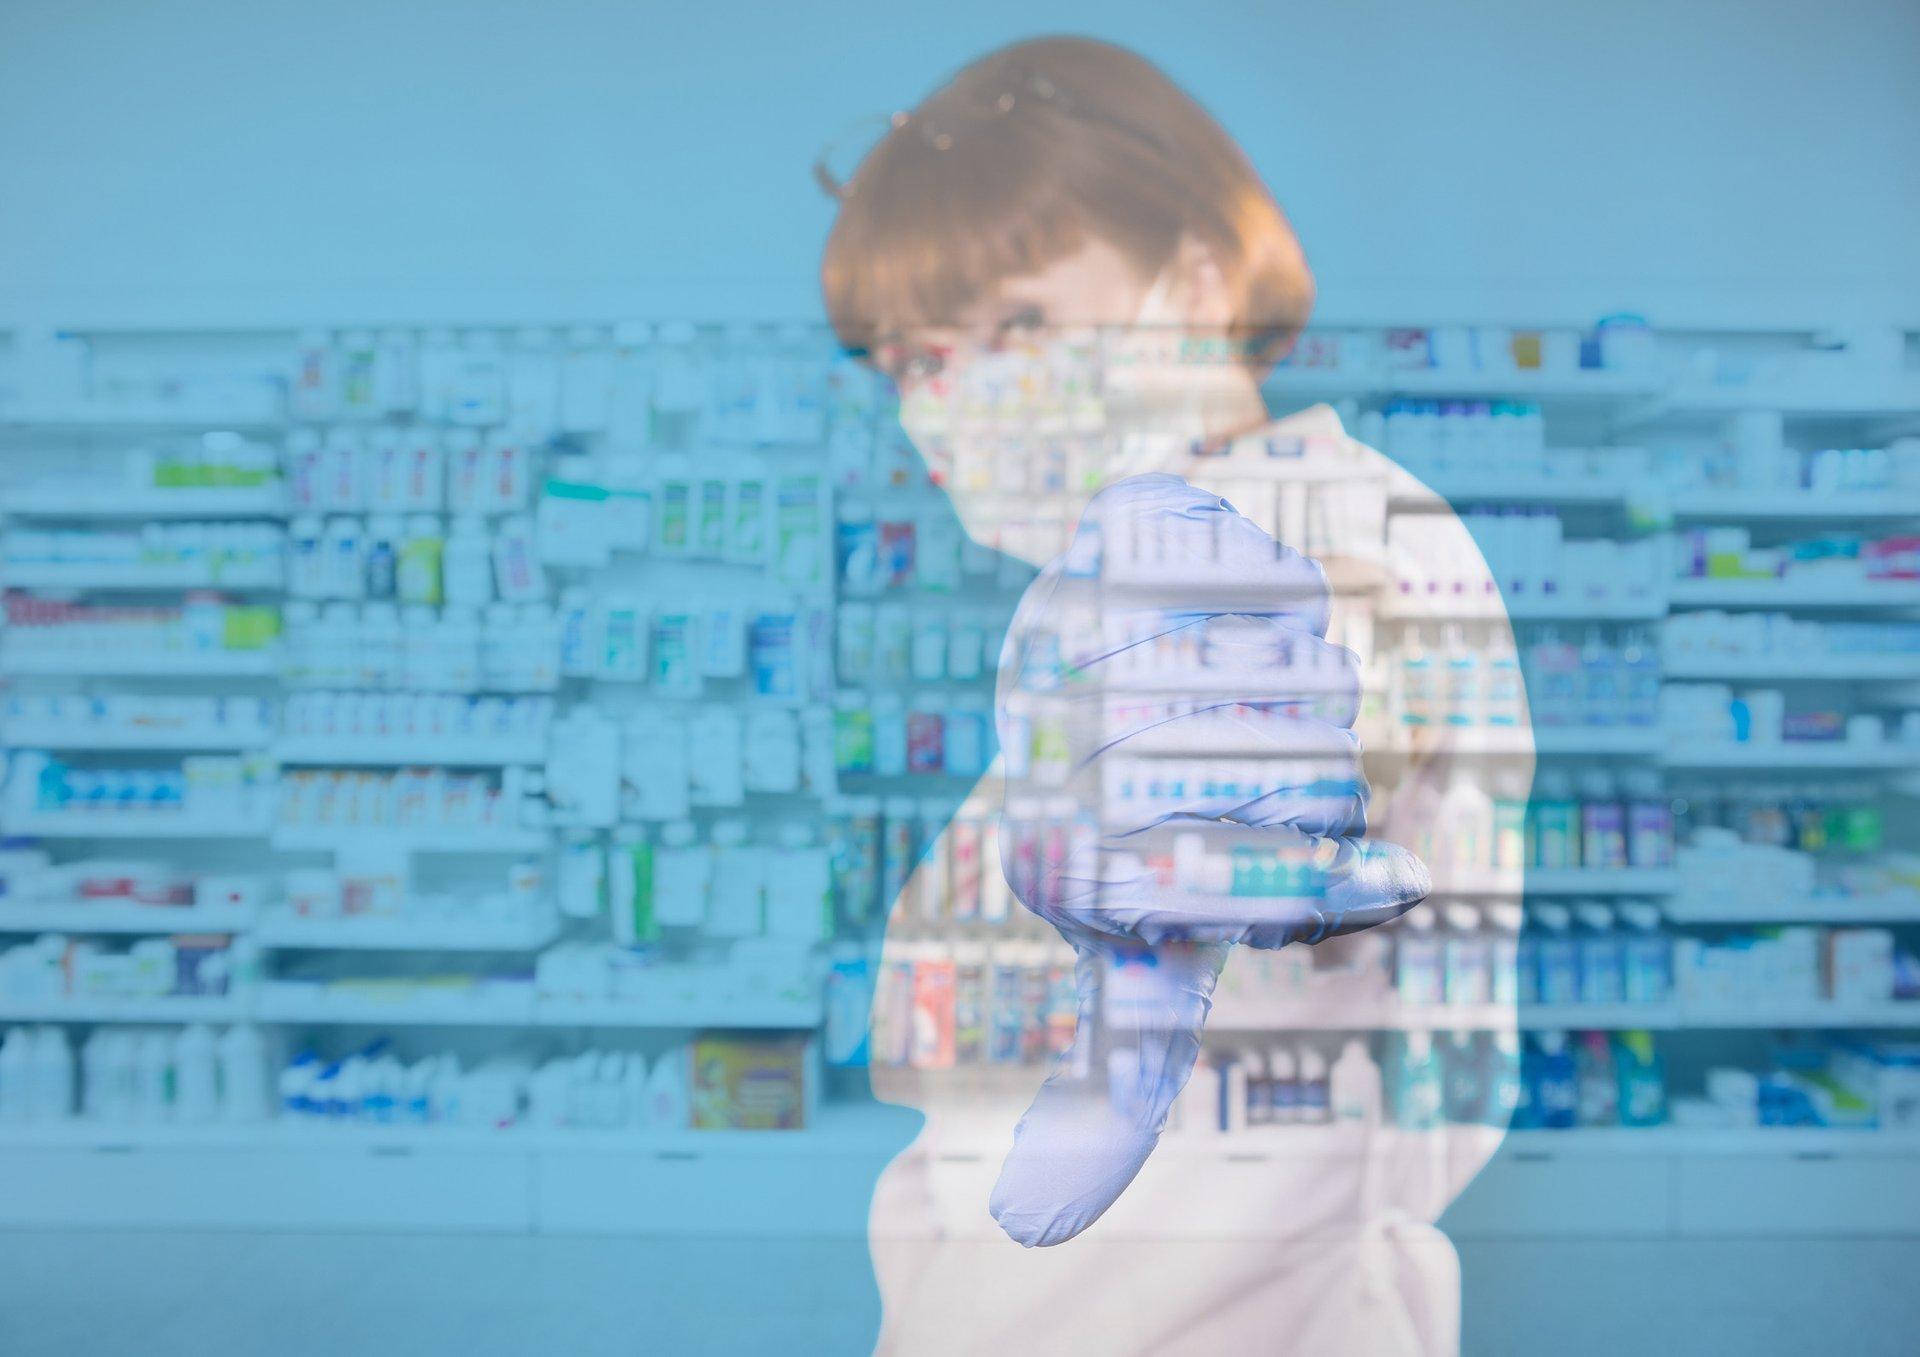 Nieznajomość prawa szkodzi - aptekarzom. W odpowiedzi resortu ws. zajęć dla dzieci medyków zabrakło... sedna [AKTUALIZACJA]